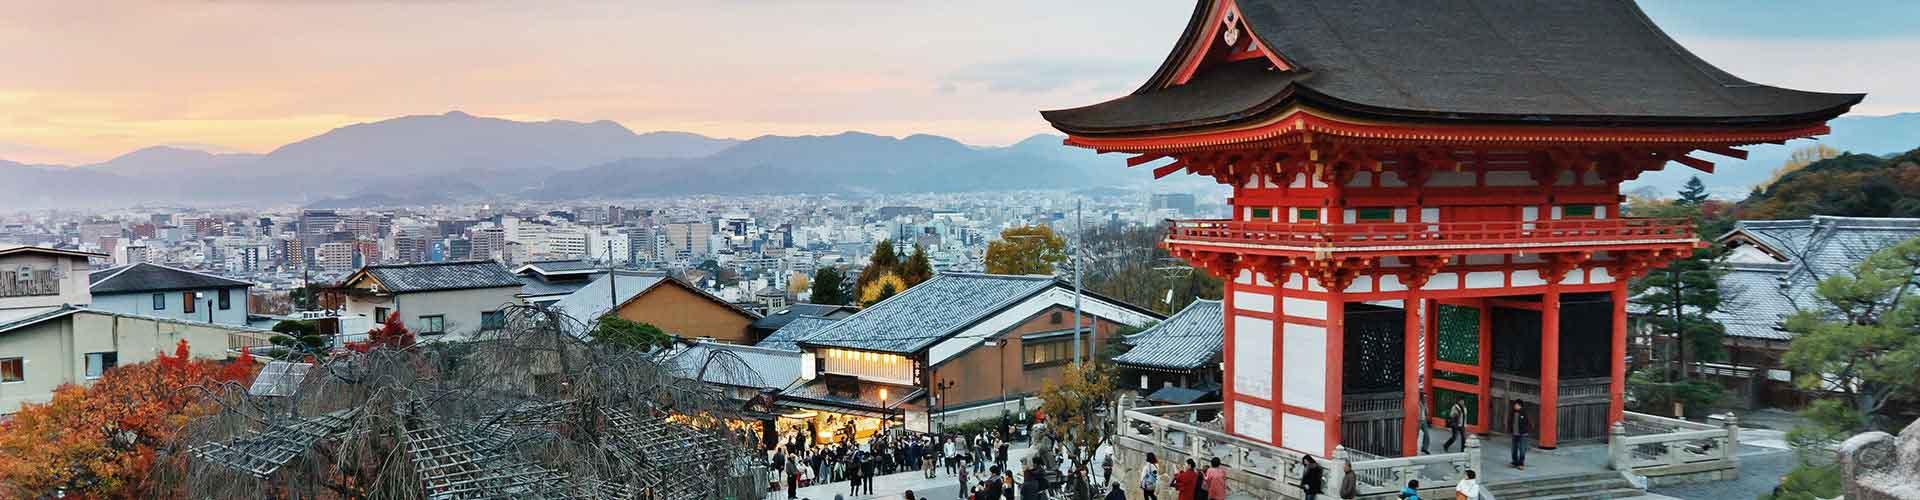 Kyoto - Hostales en Kyoto. Mapas de Kyoto, Fotos y comentarios de cada Hostal en Kyoto.